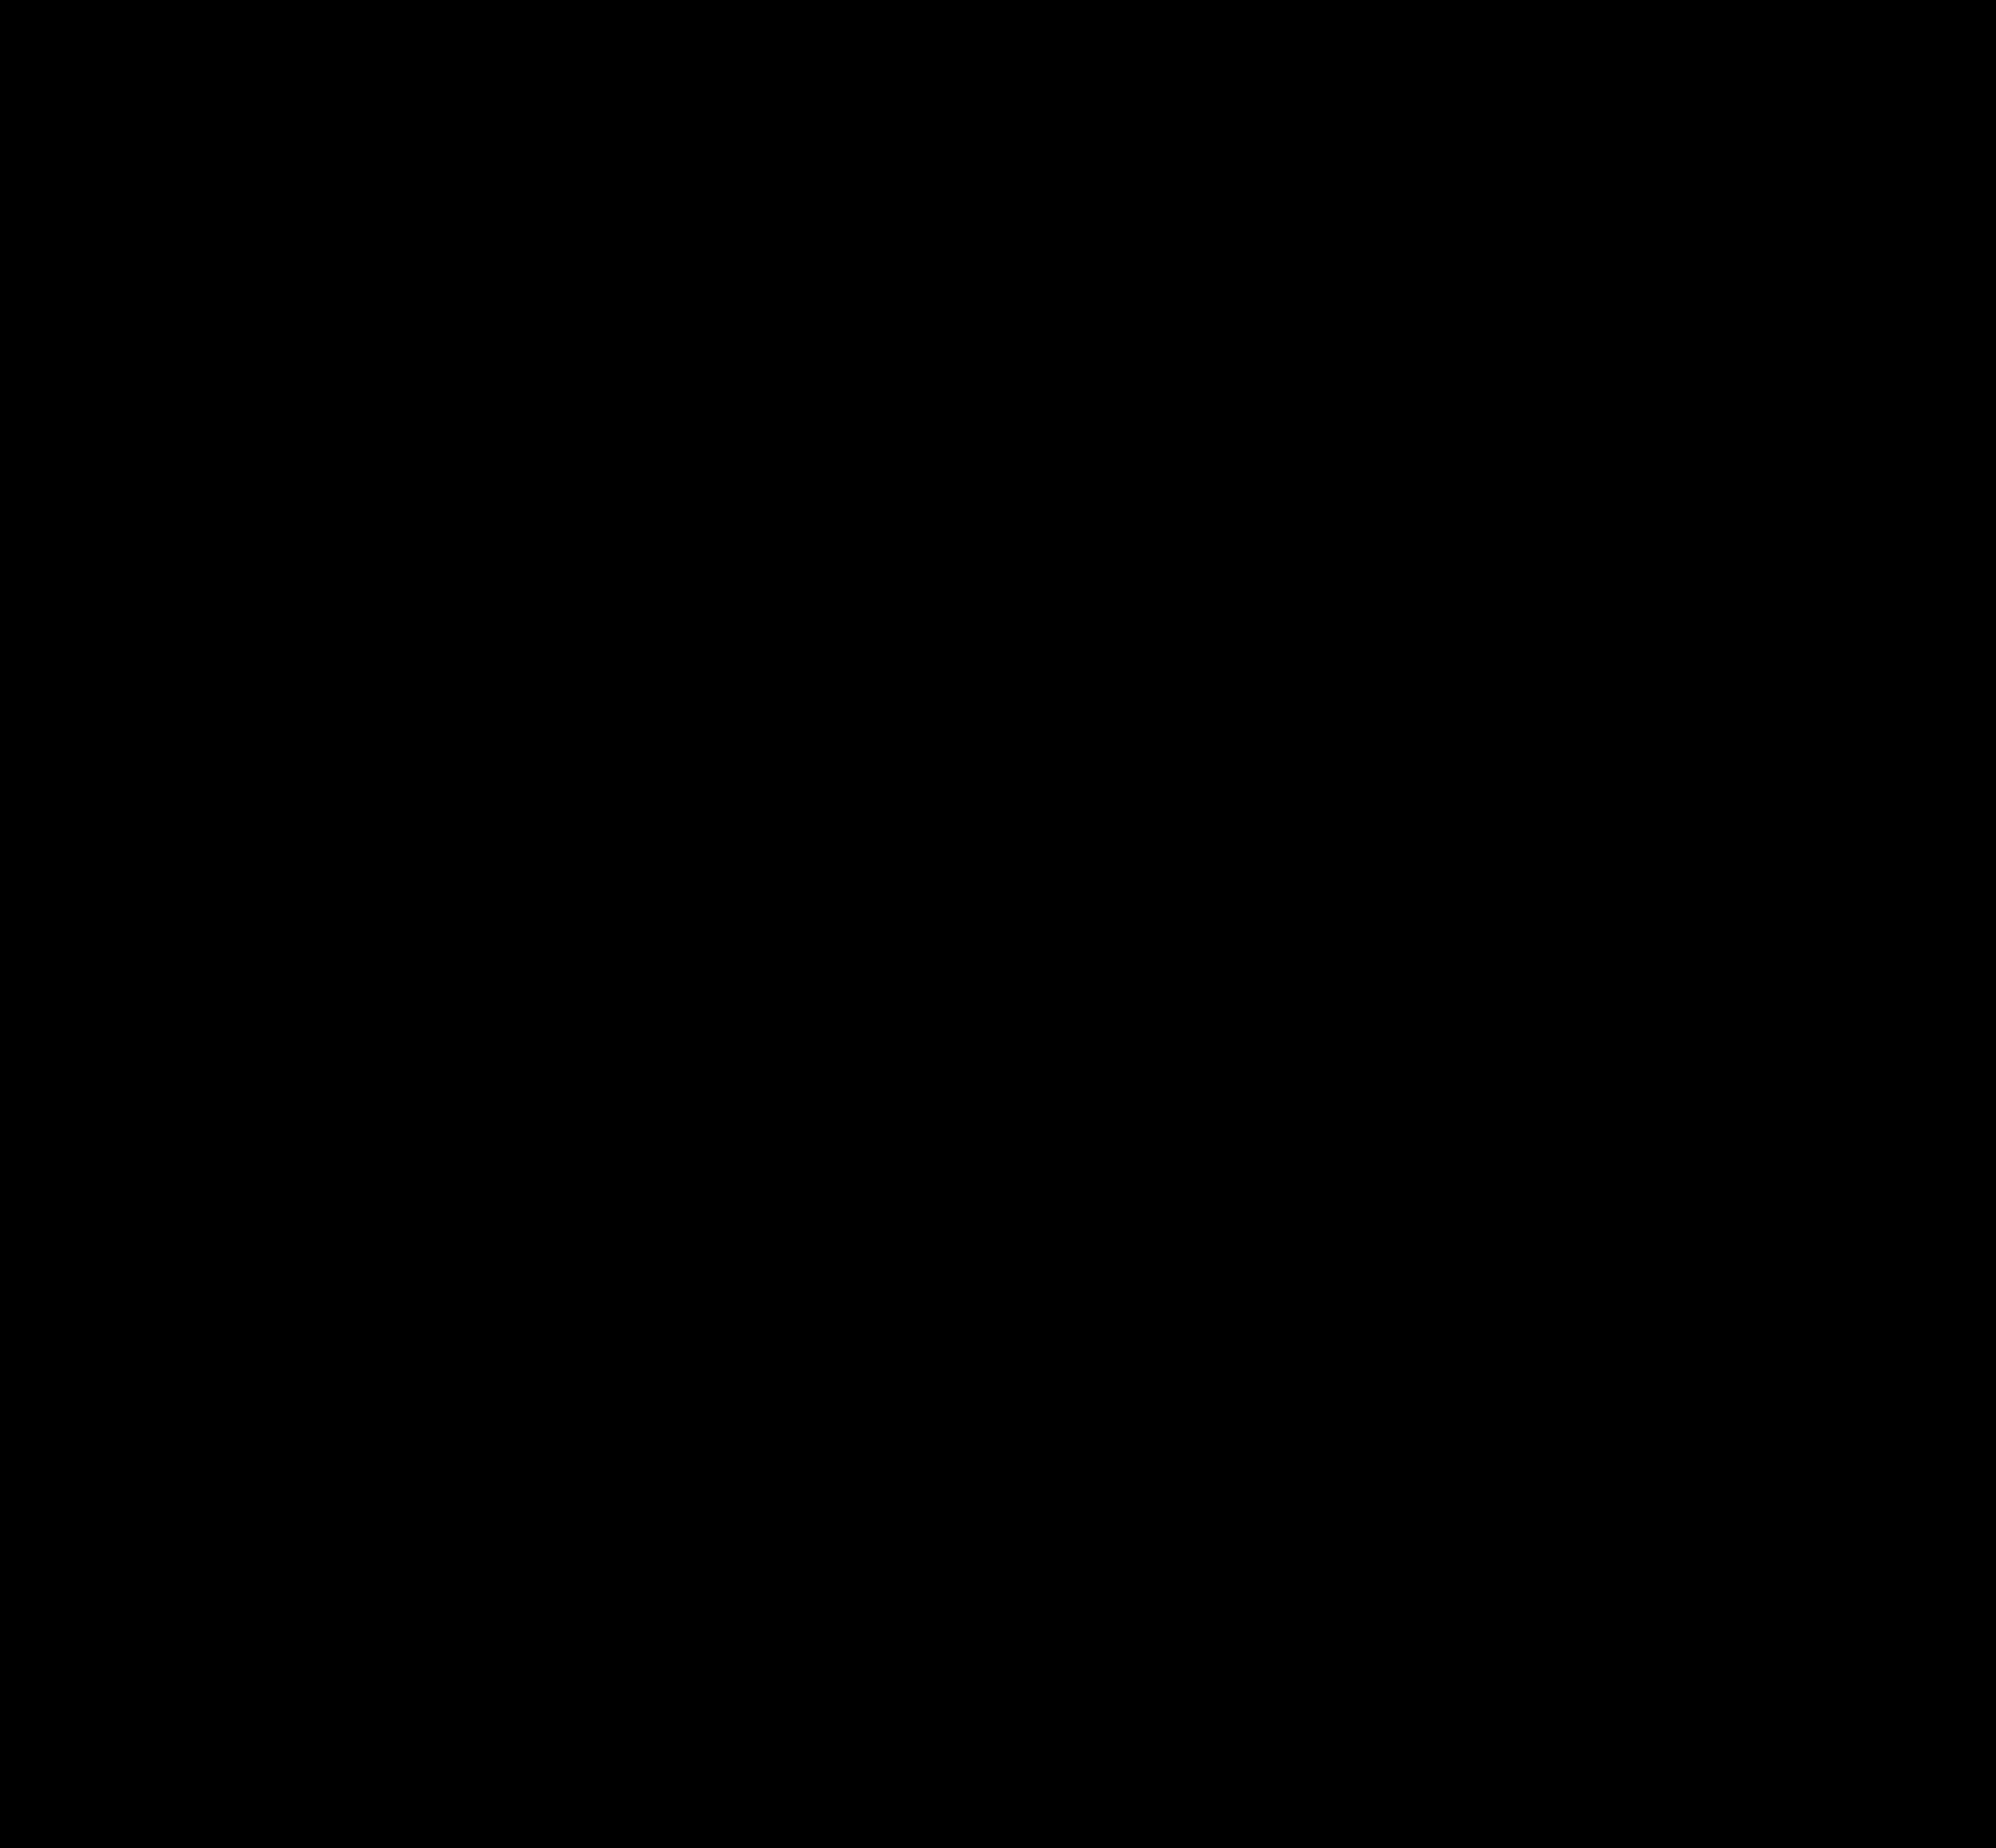 Vichyper